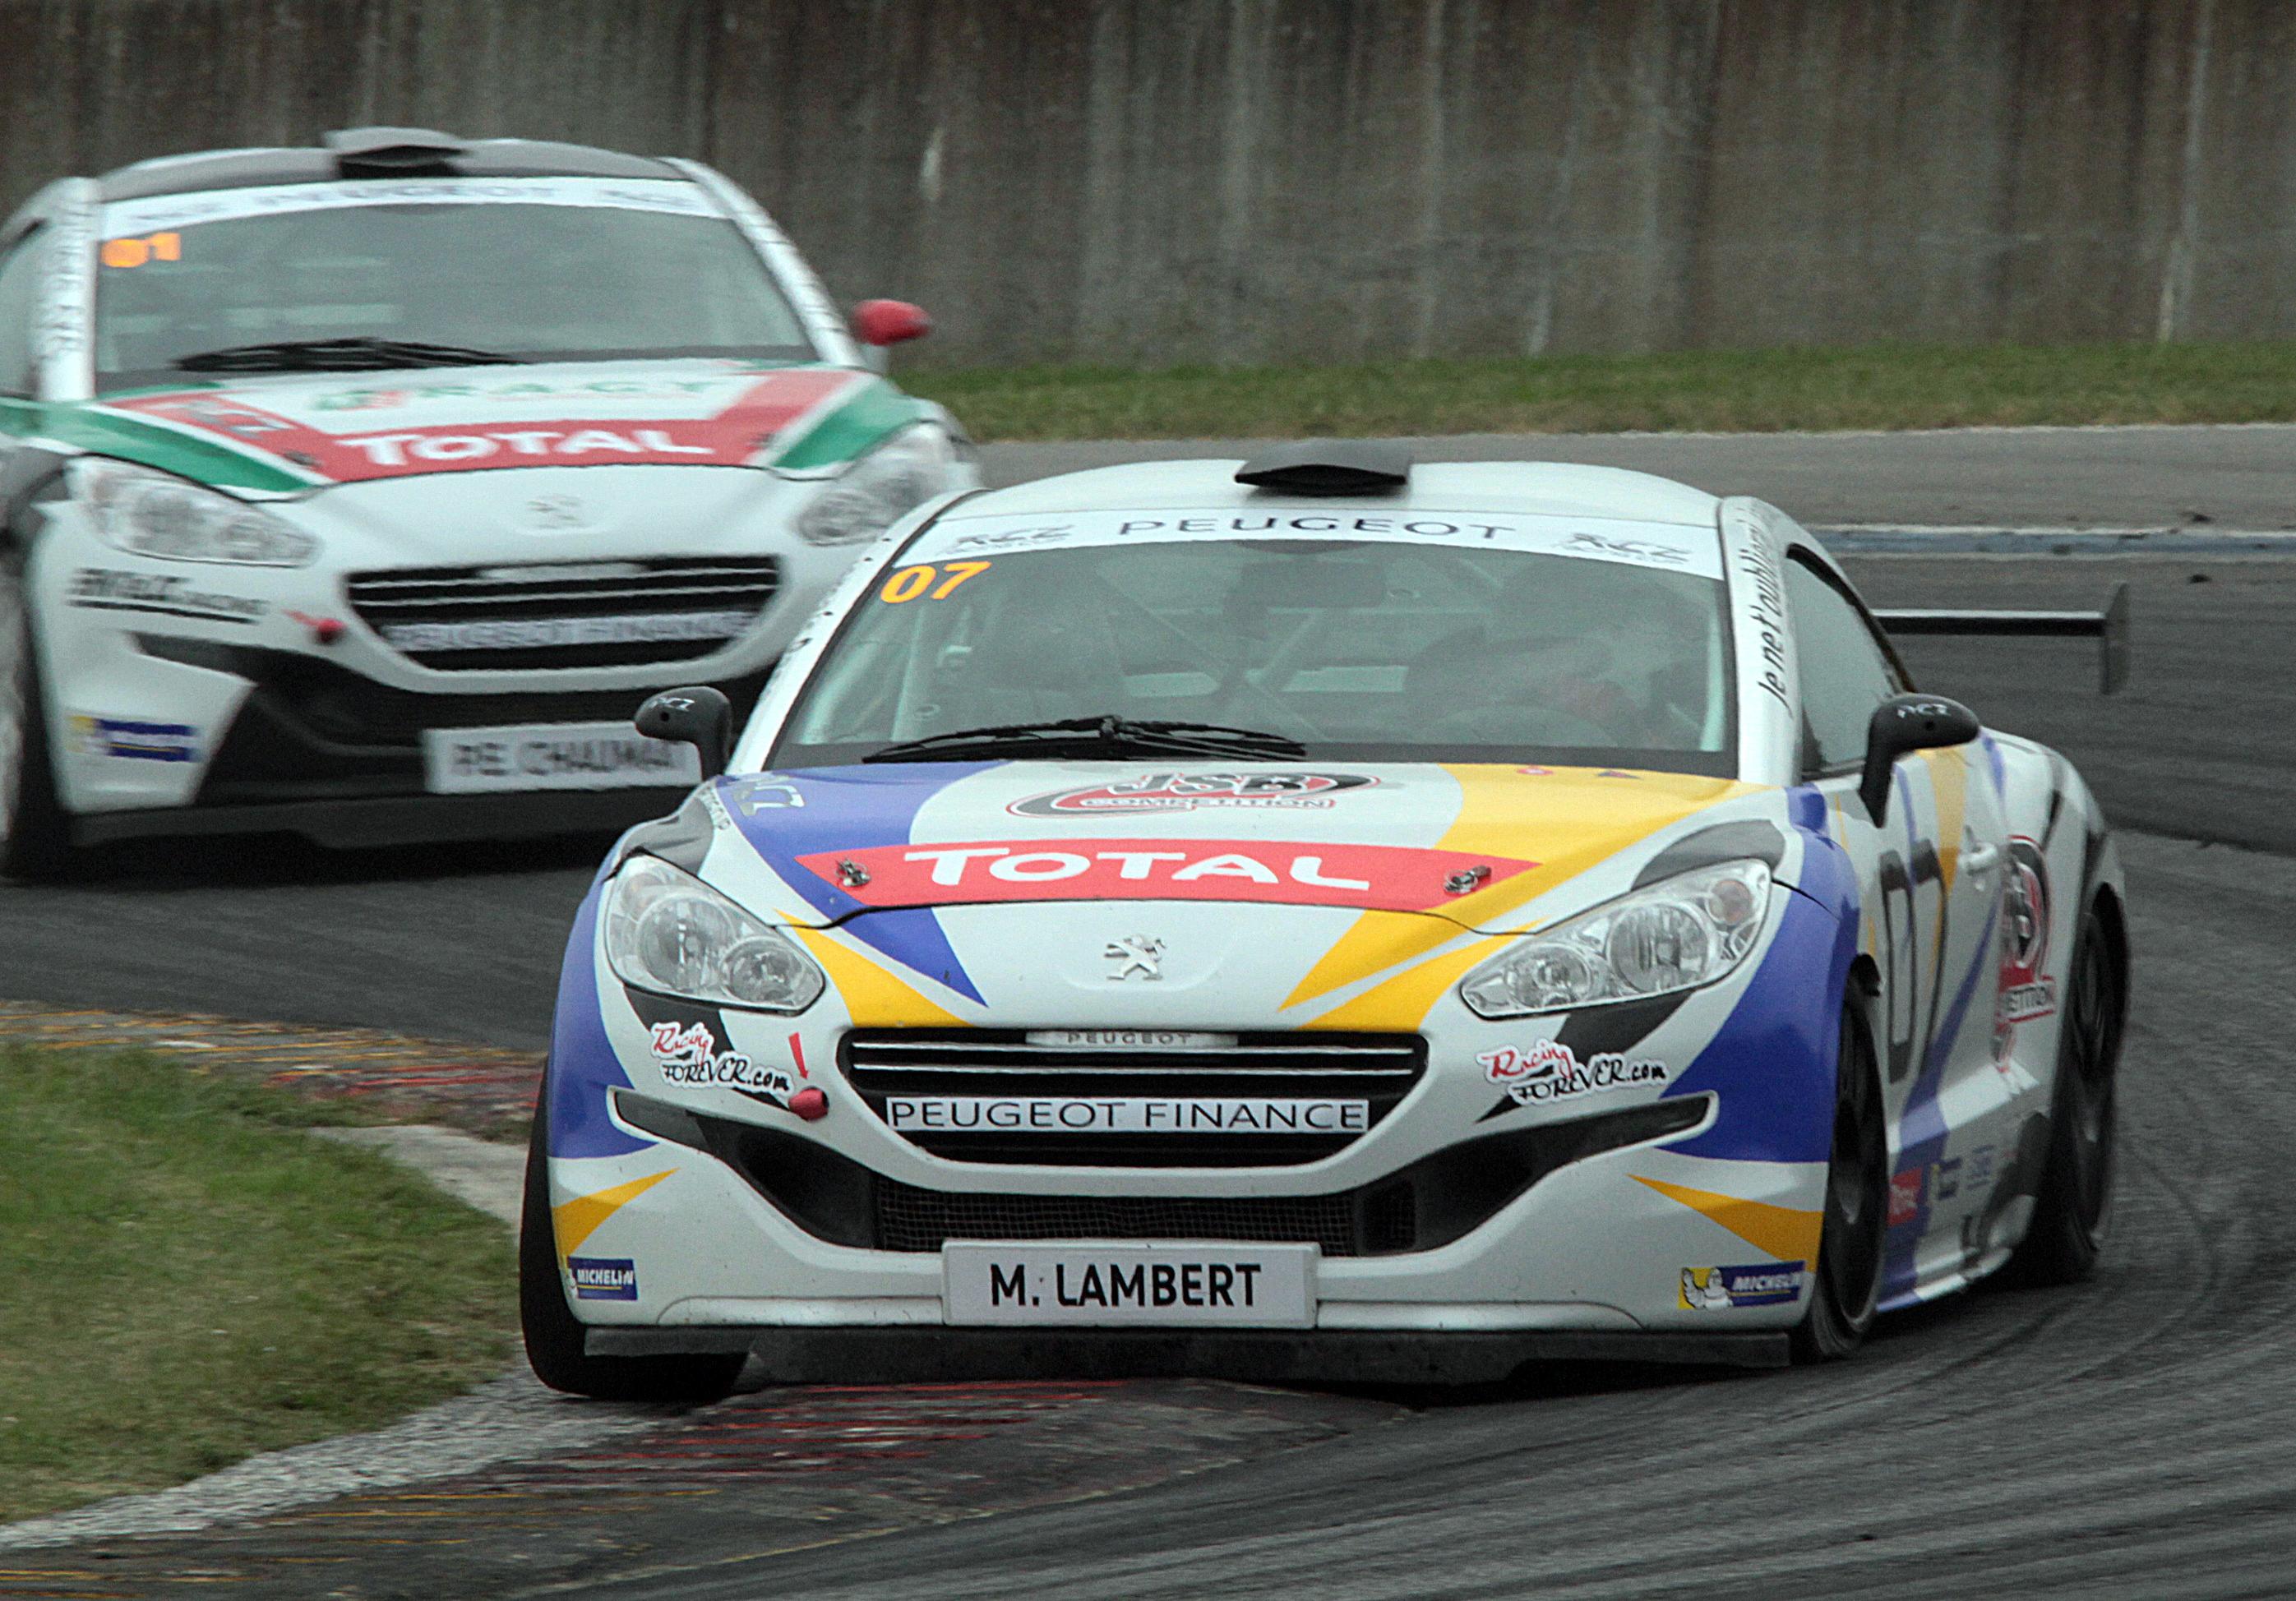 Mathieu à l'attaque dans la manche 3 (Photo S.Gauthier - Racingforever.com)